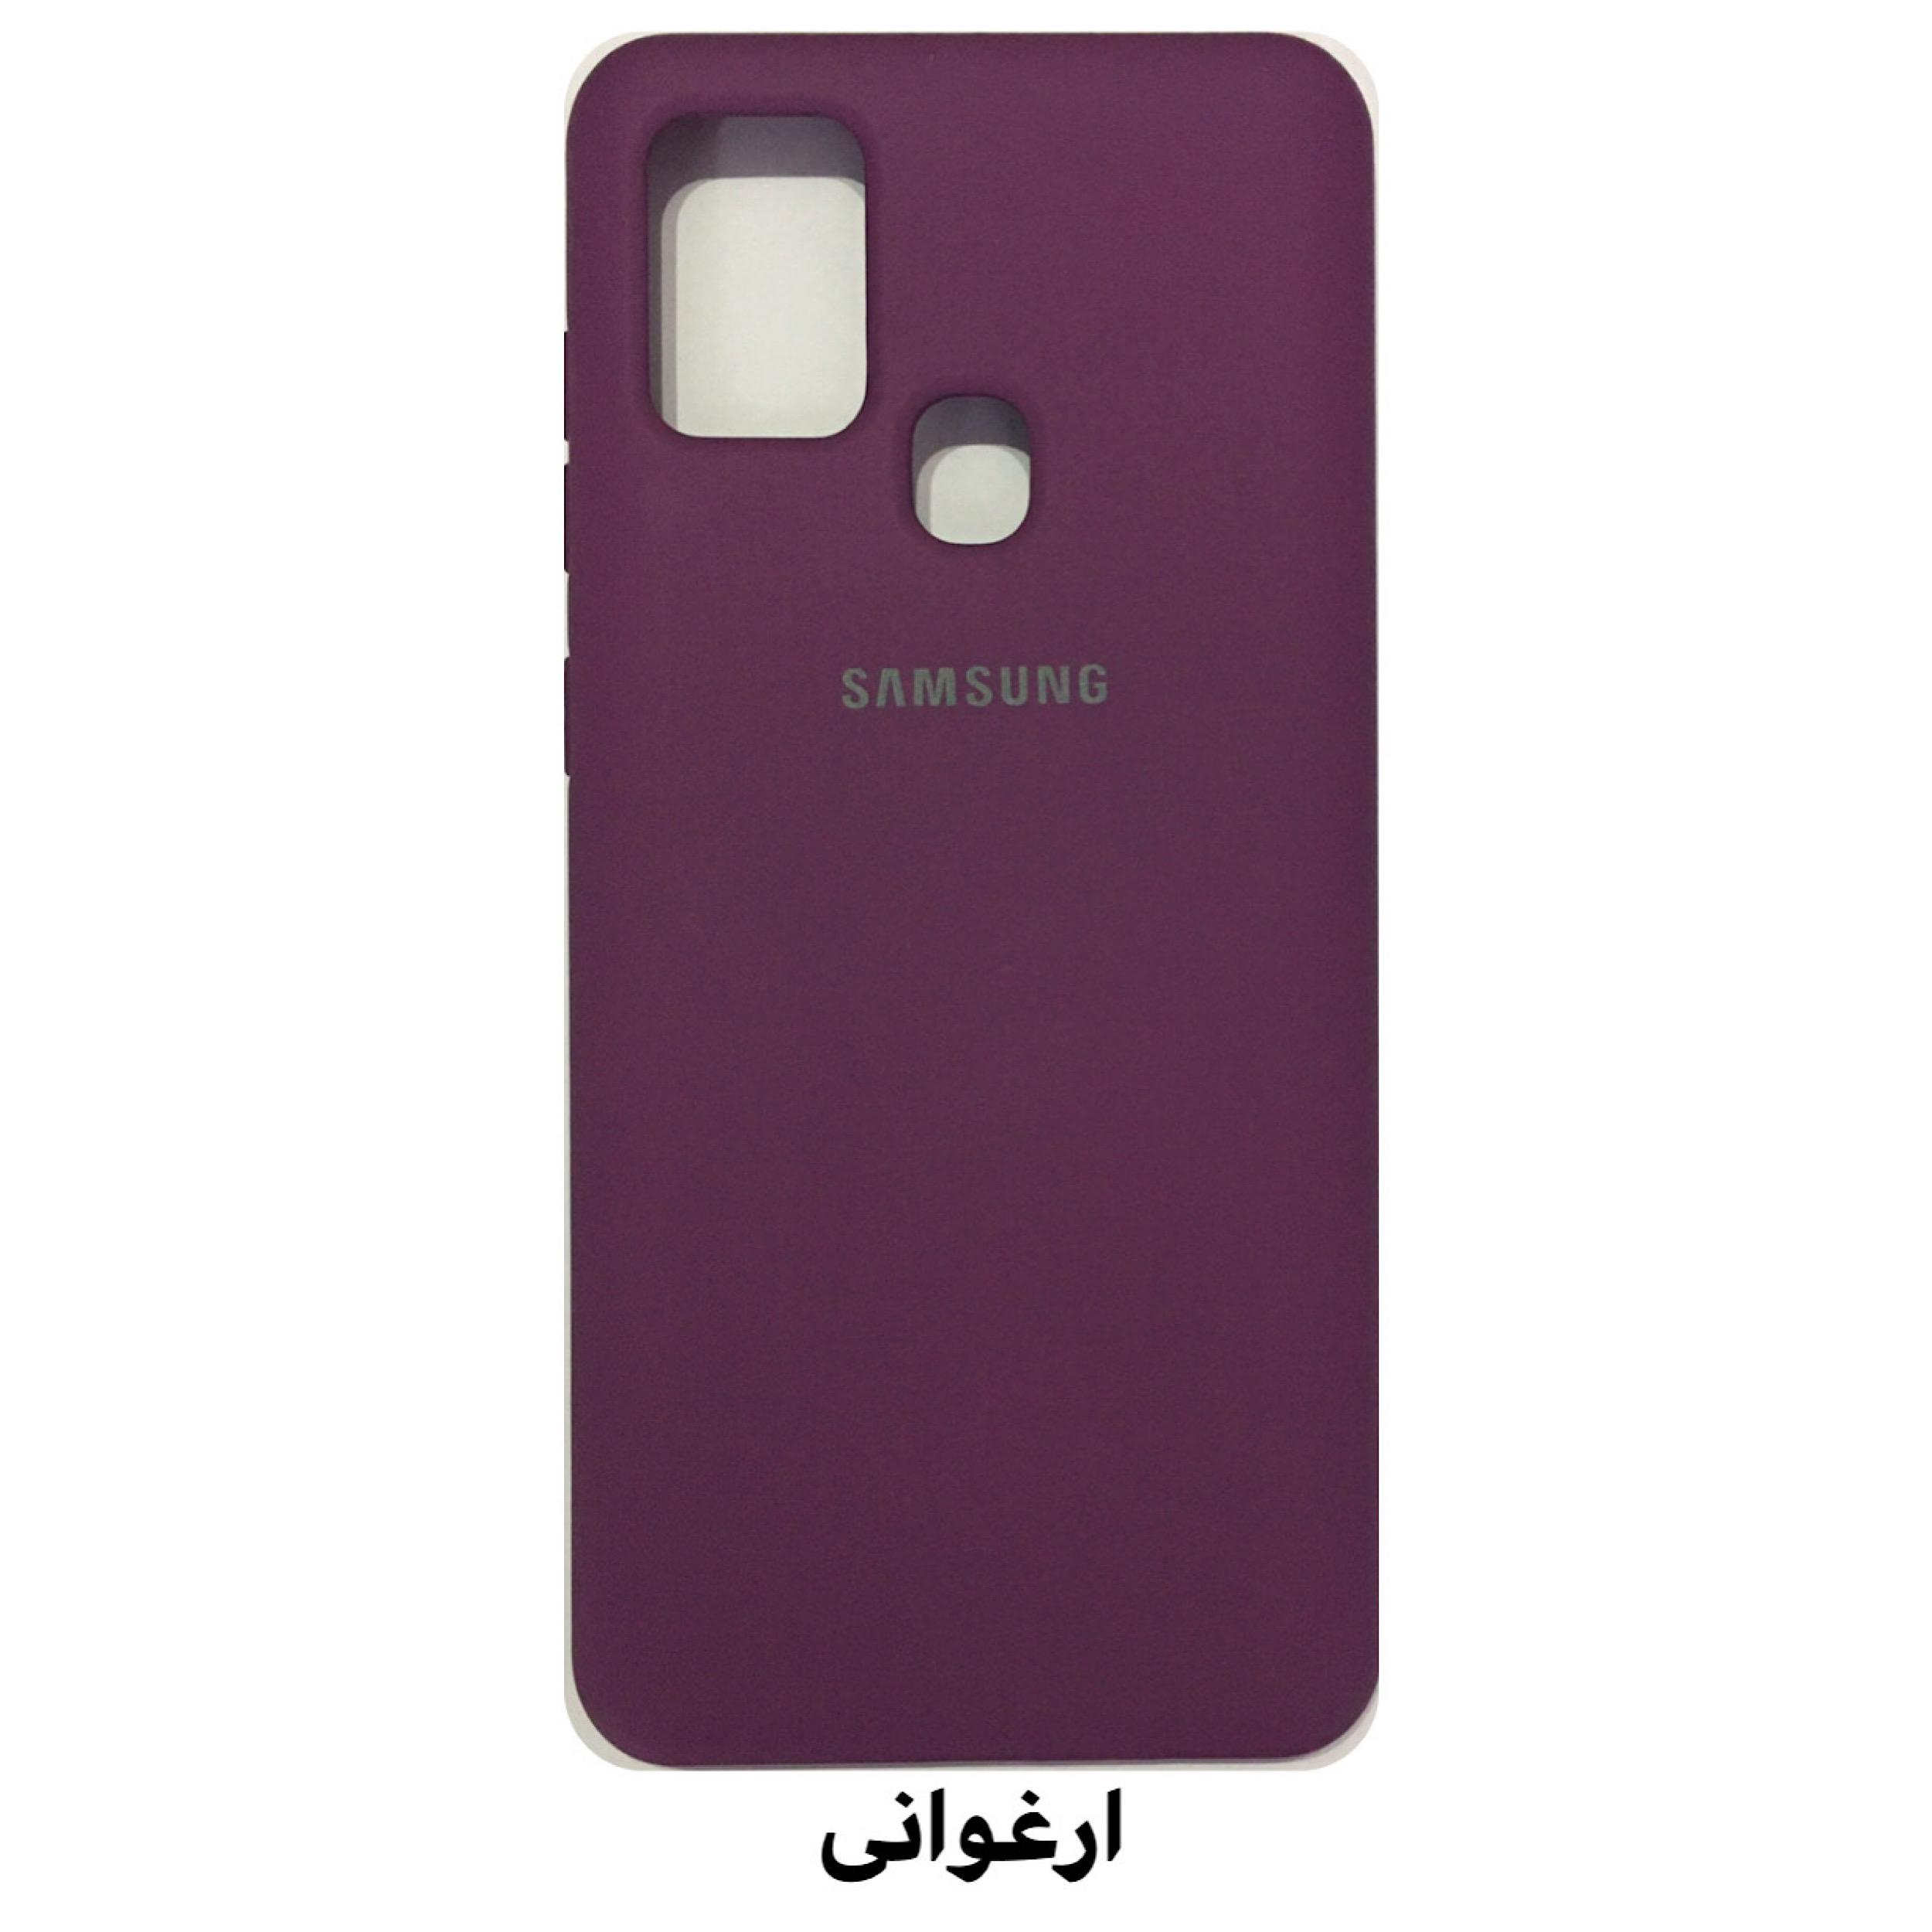 کاور مدل Sil-0021s مناسب برای گوشی موبایل سامسونگ Galaxy A21s